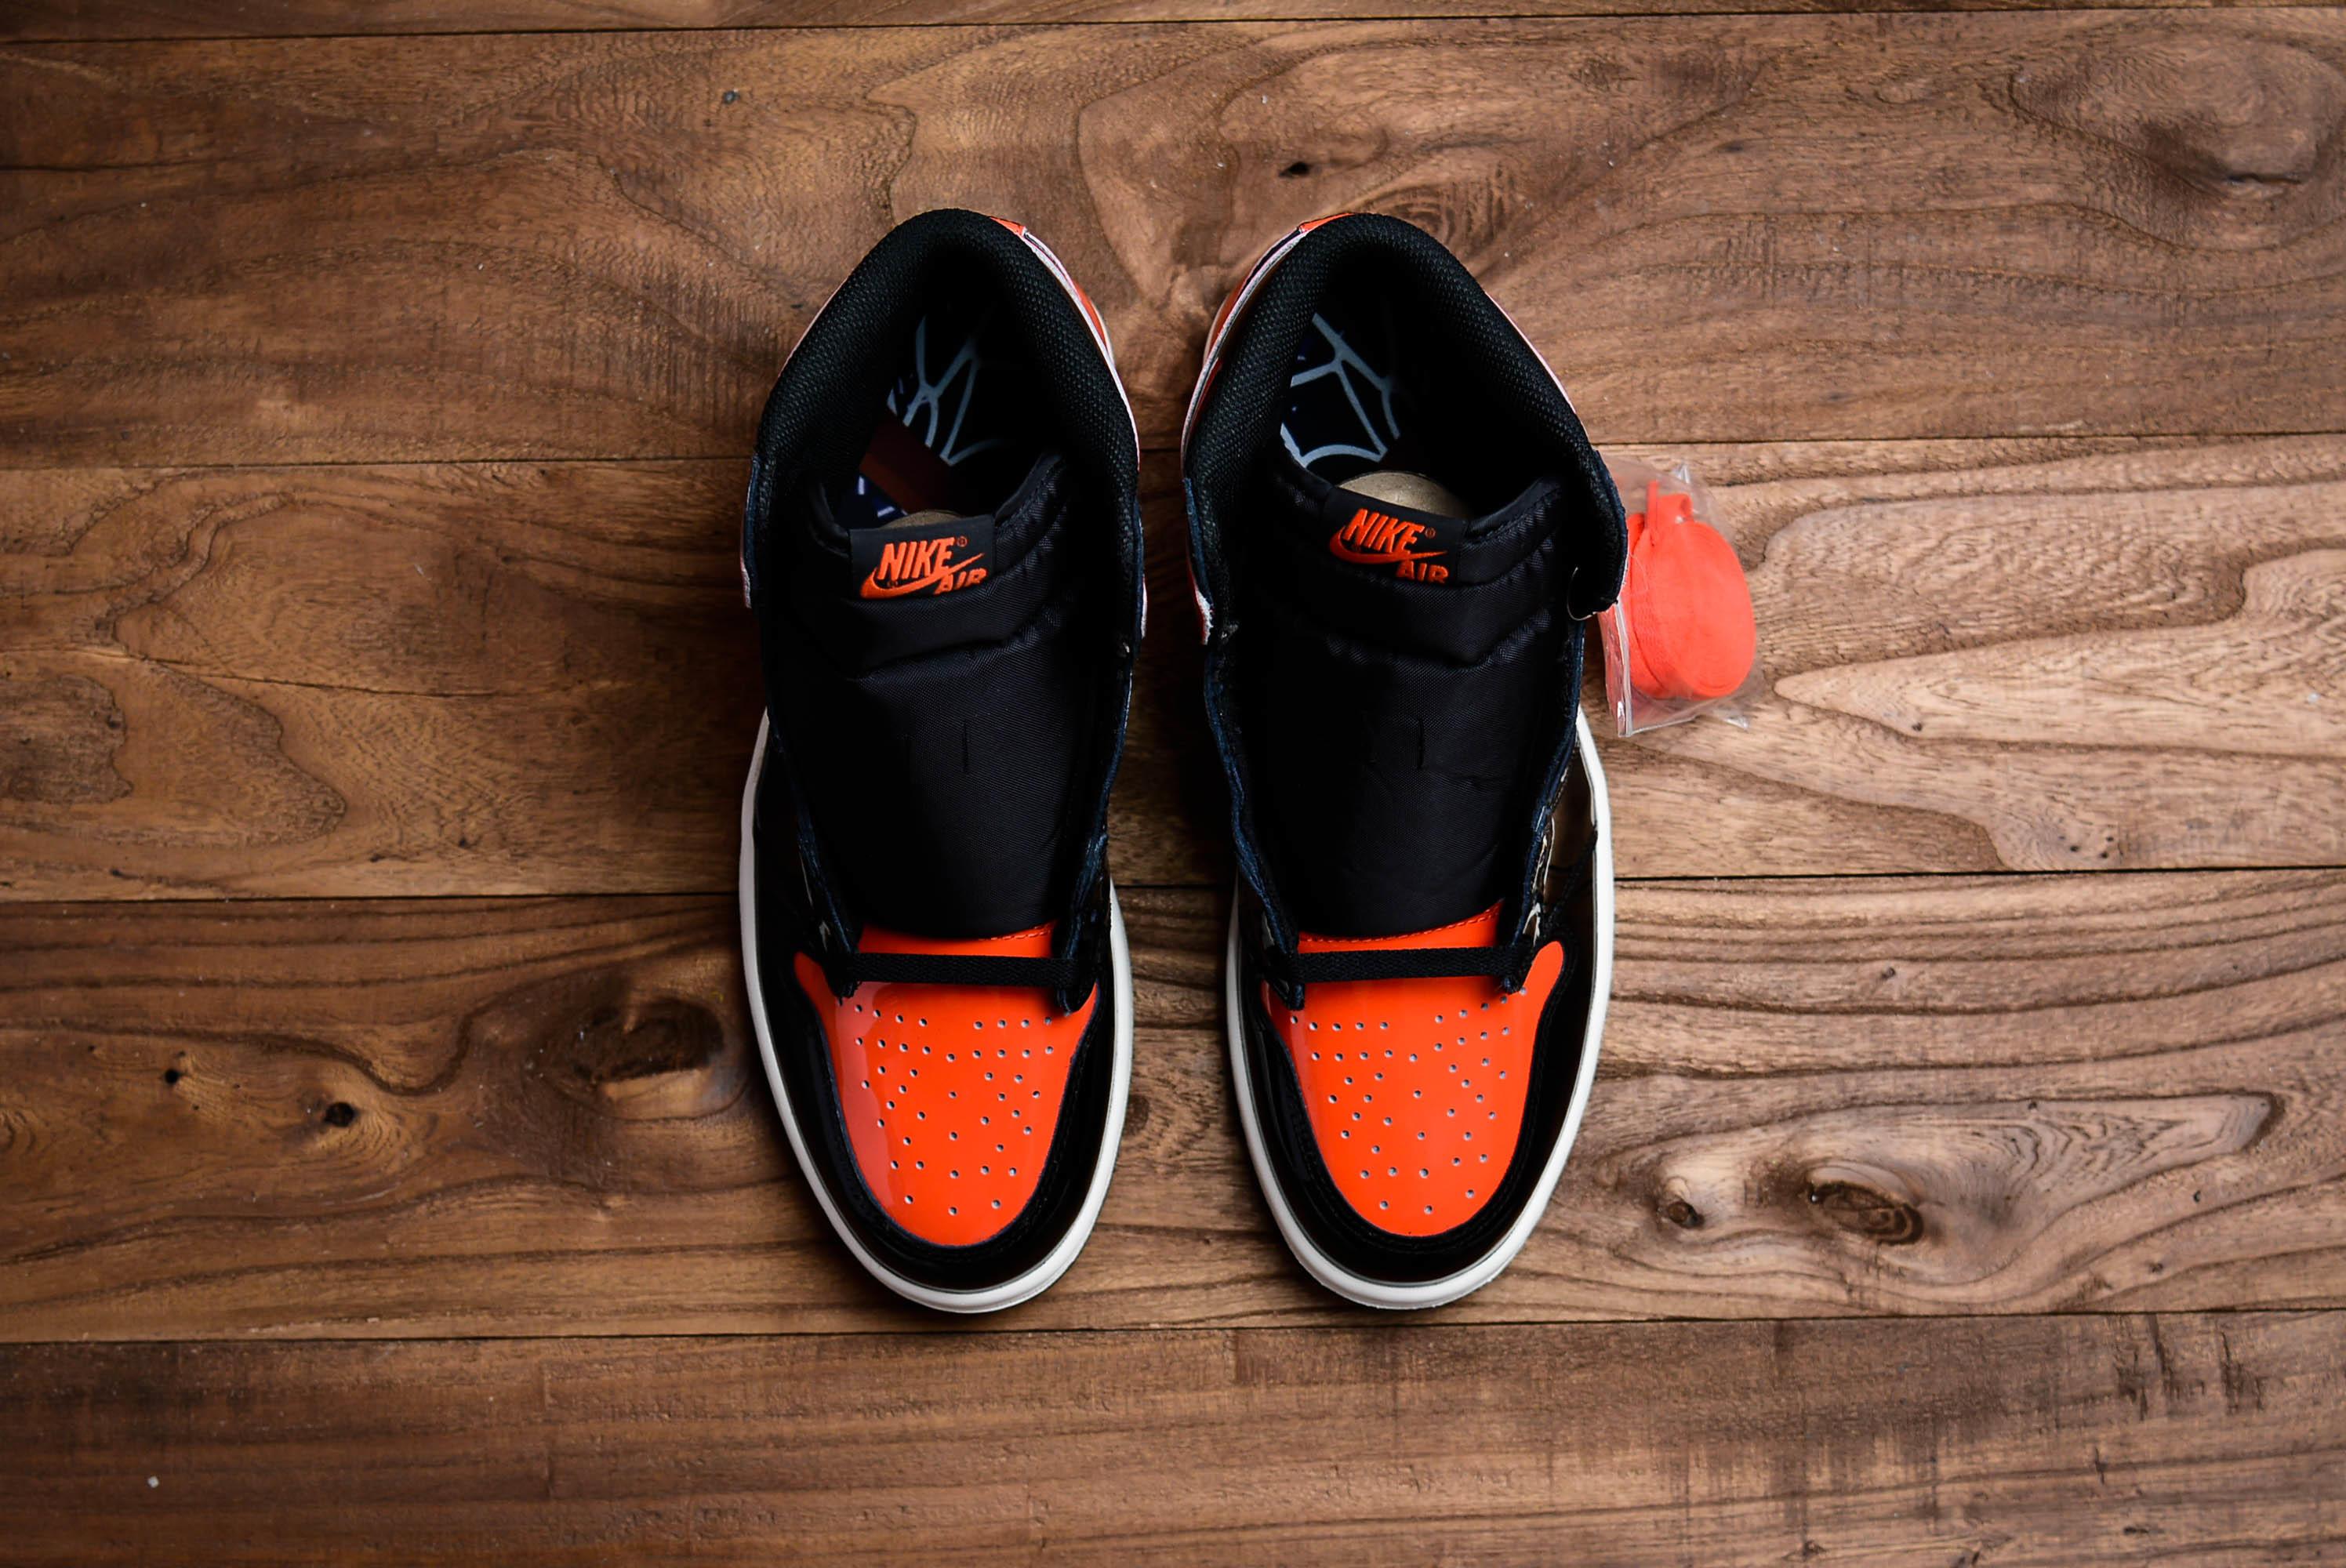 东莞原厂/纯原Air Jordan 1 RETRO HIGH OG漆皮 黑橘扣碎3.0货号:555088-028